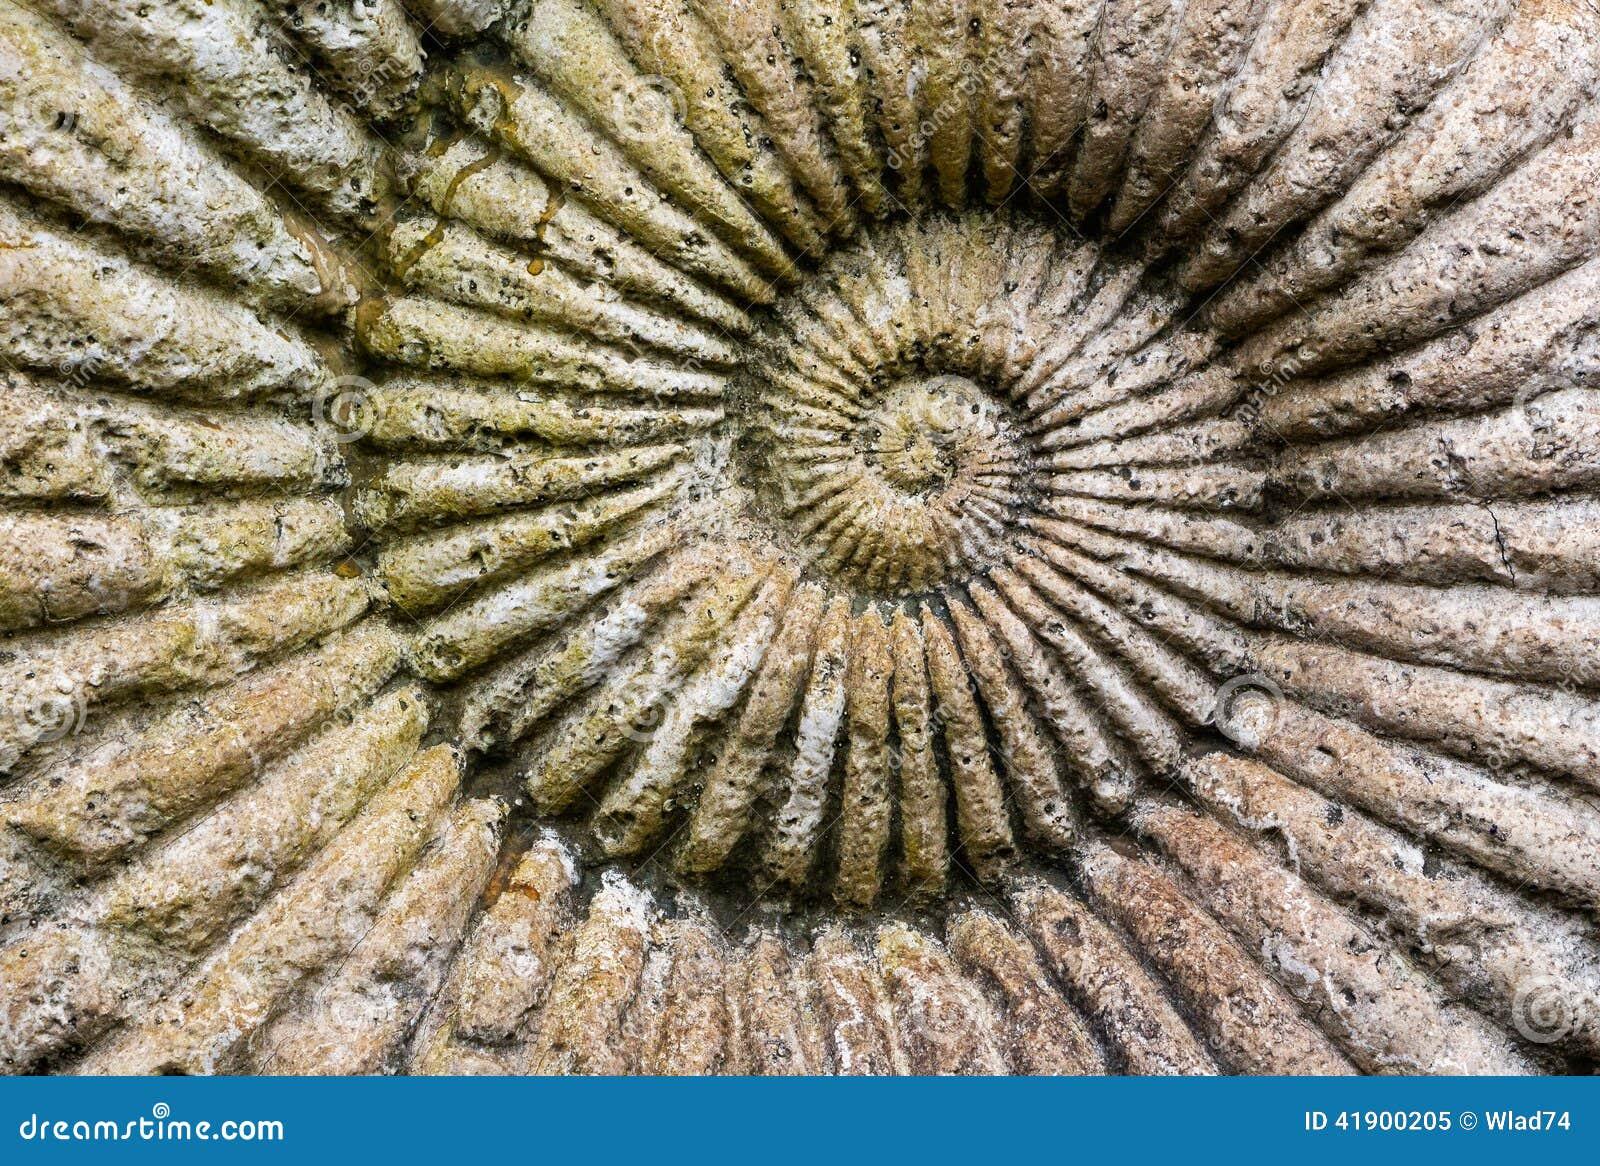 El fondo de la amonita fósil en una piedra